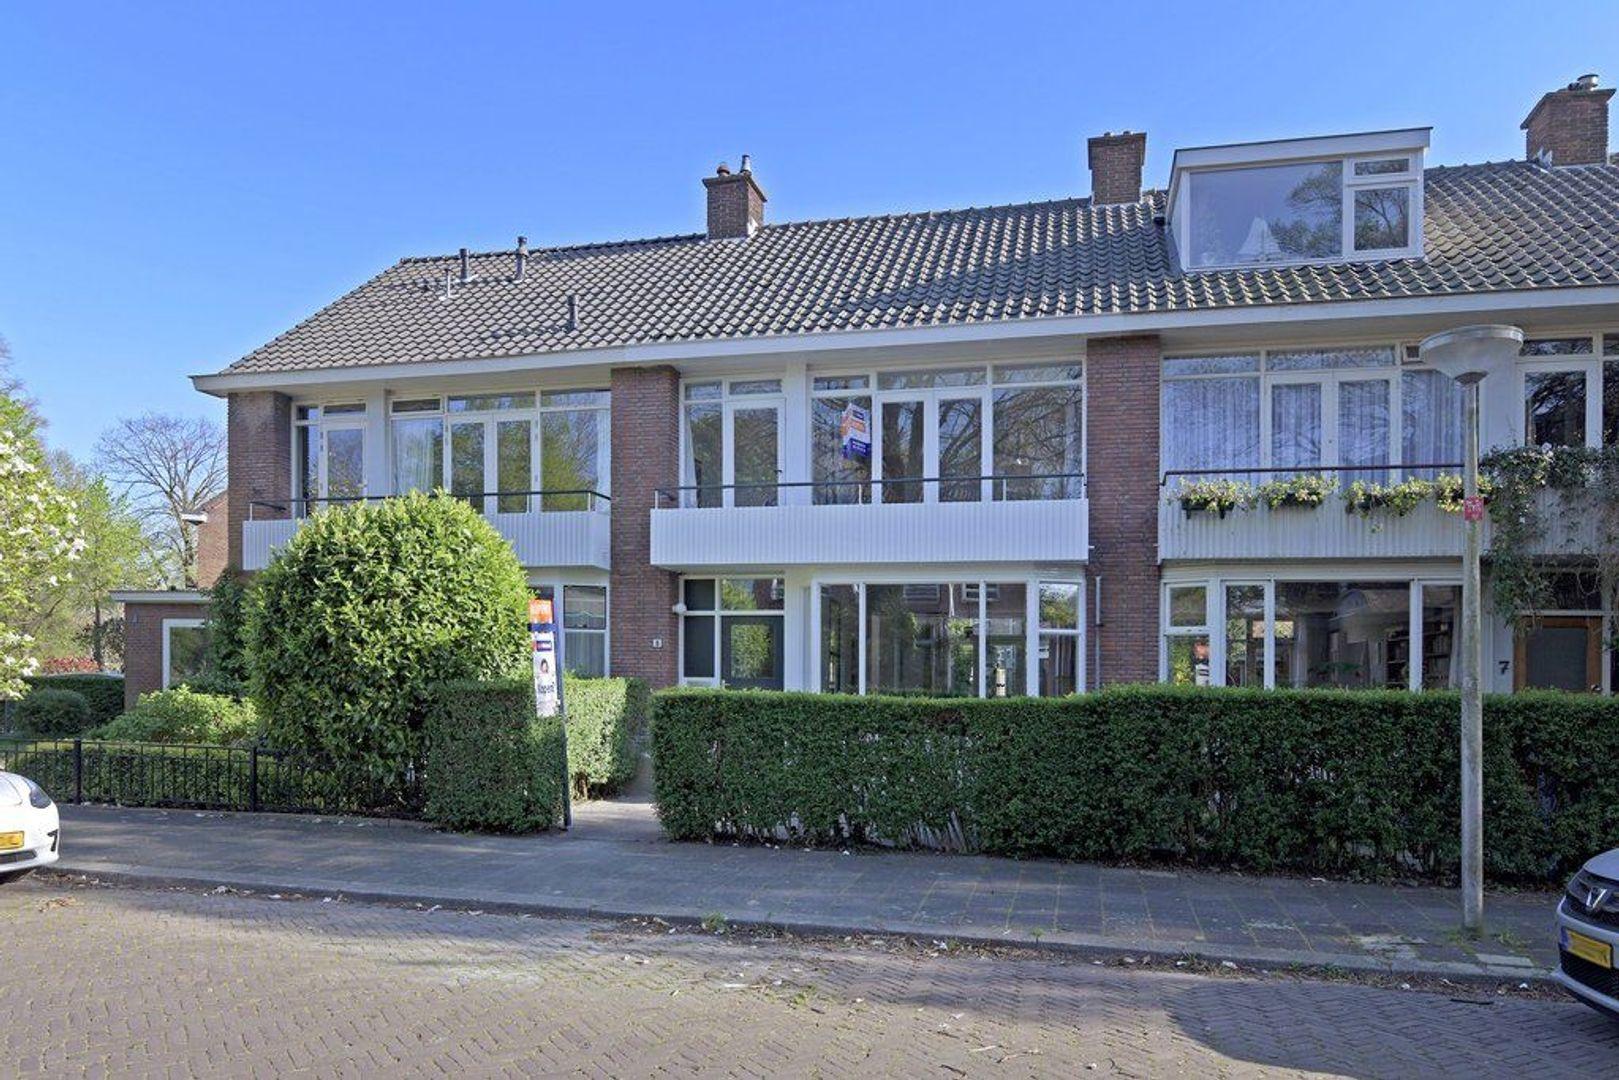 Kappeyne van de Coppellostraat 5, Delft foto-0